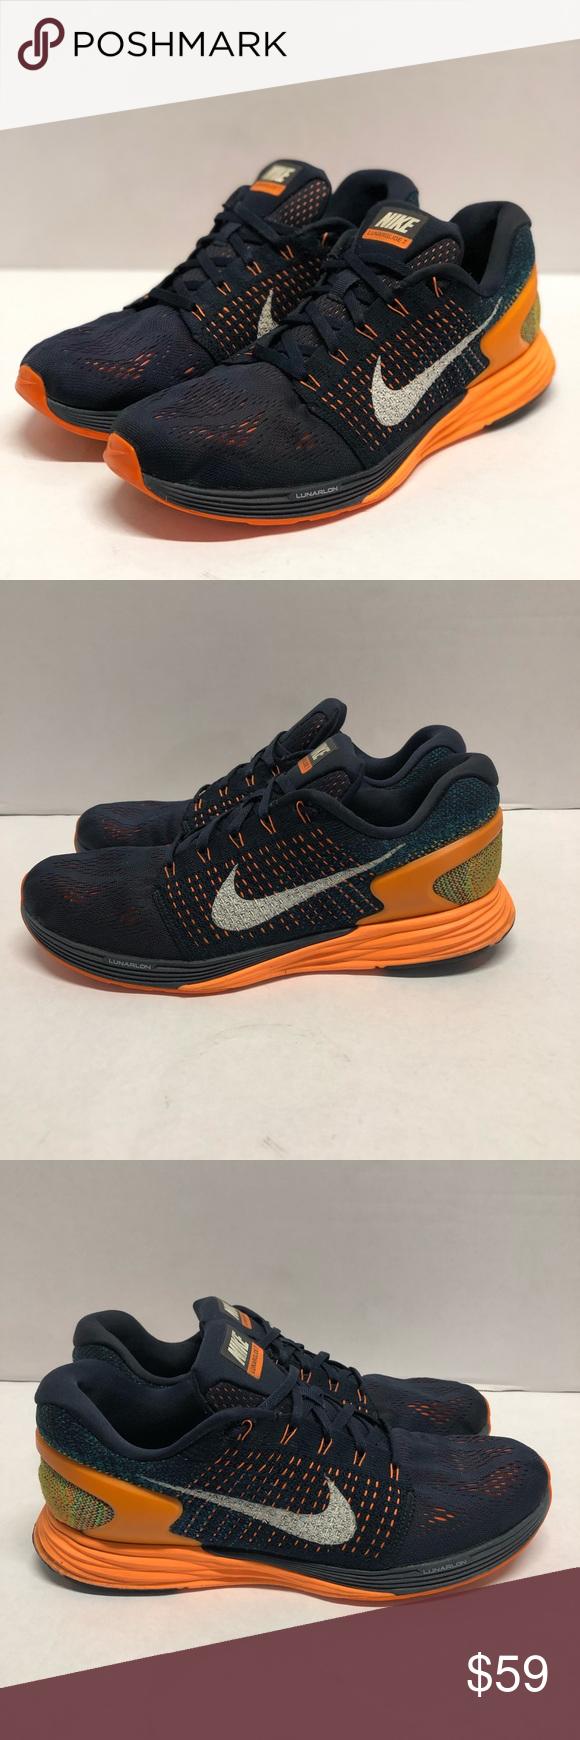 buy online a7037 e52a6 Nike Lunarglide 7 Running Shoes sz 10.5 lunarlon Men's sz ...